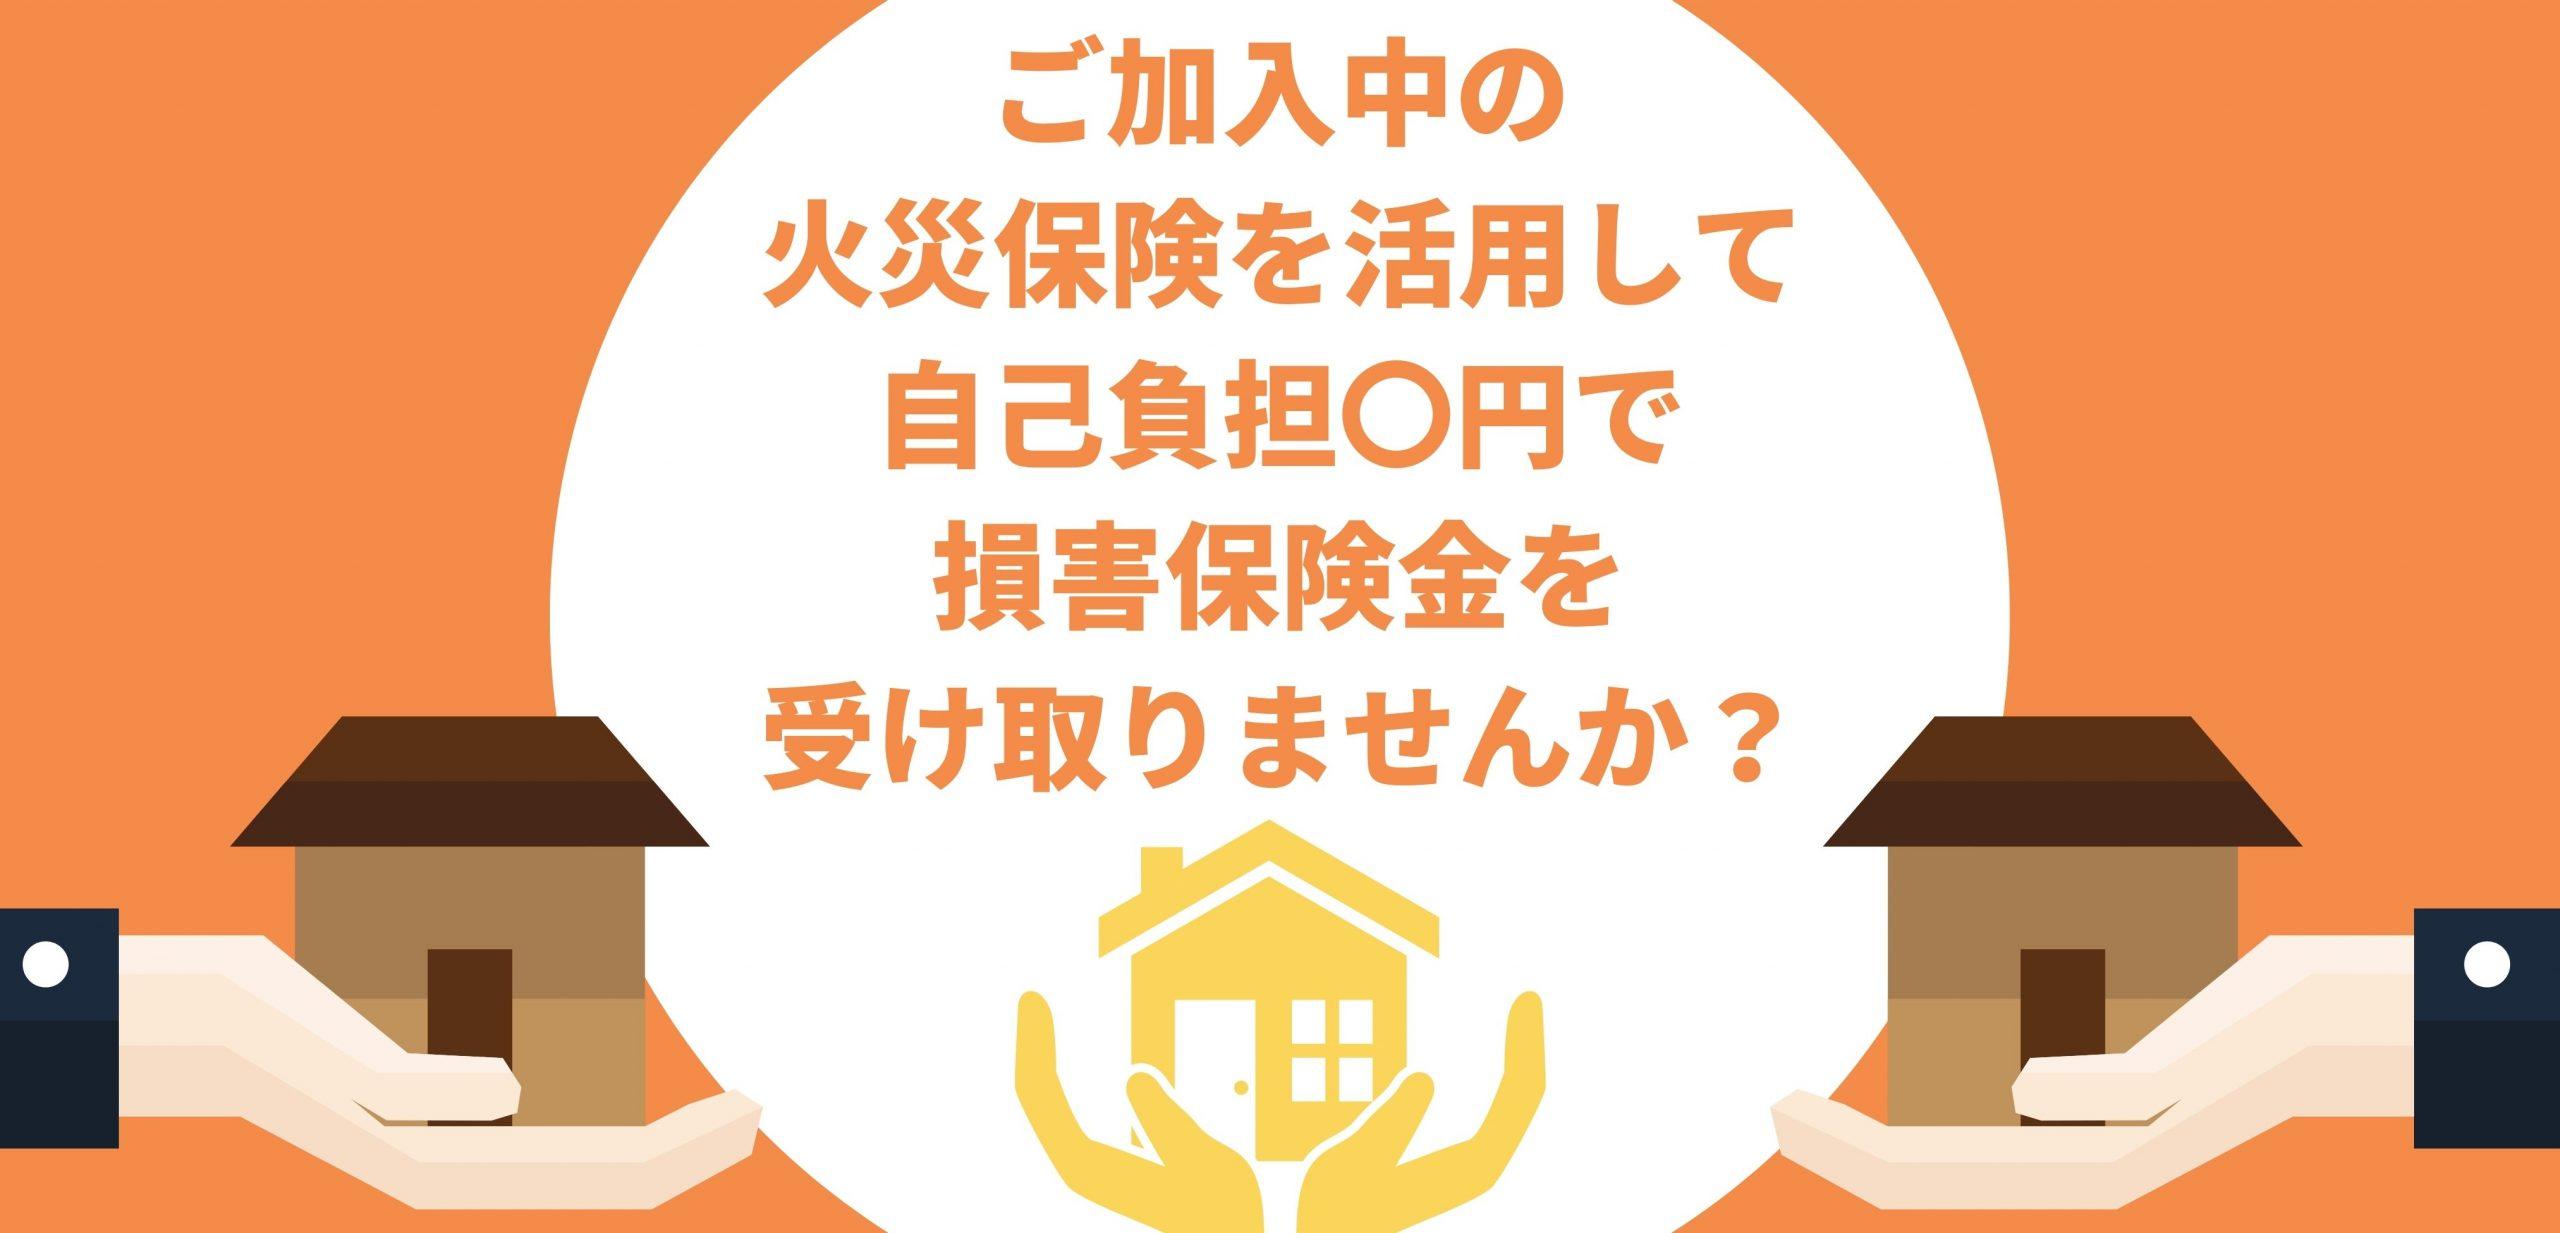 火災保険の活用で自己負担0円で建物の修繕が可能です。